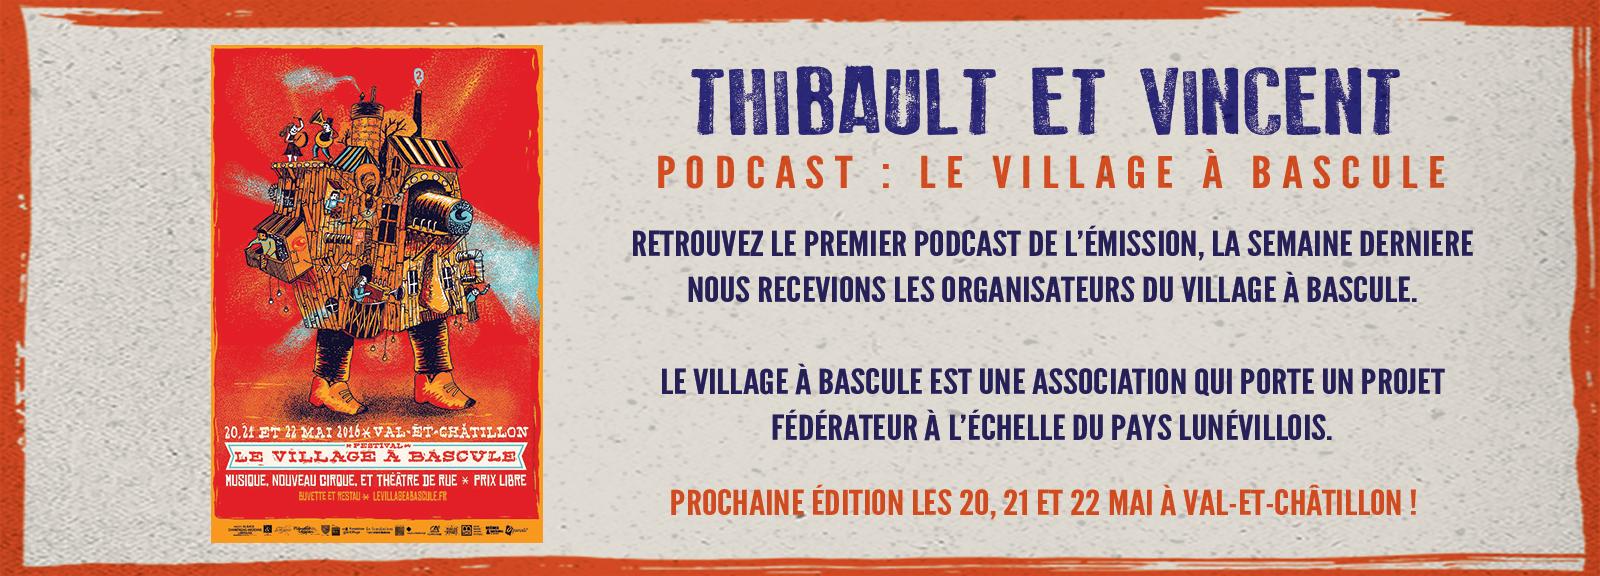 Invité de la semaine - Festival : Village a Bascule